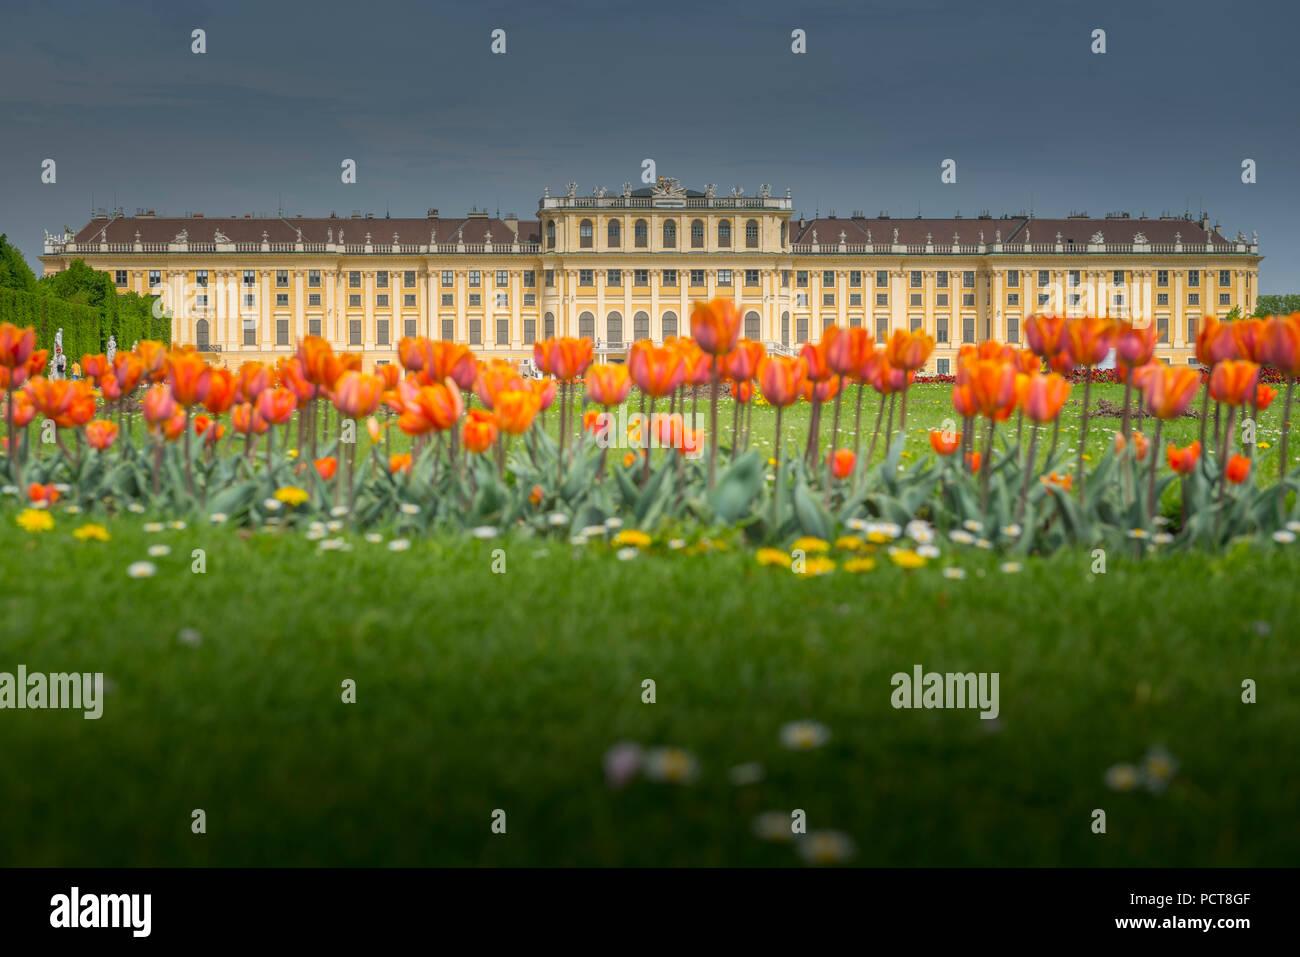 Europa, Österreich, Wien, Schloss, Palast, Schönbrunn, Vienna, Austria, architecture, capital - Stock Image